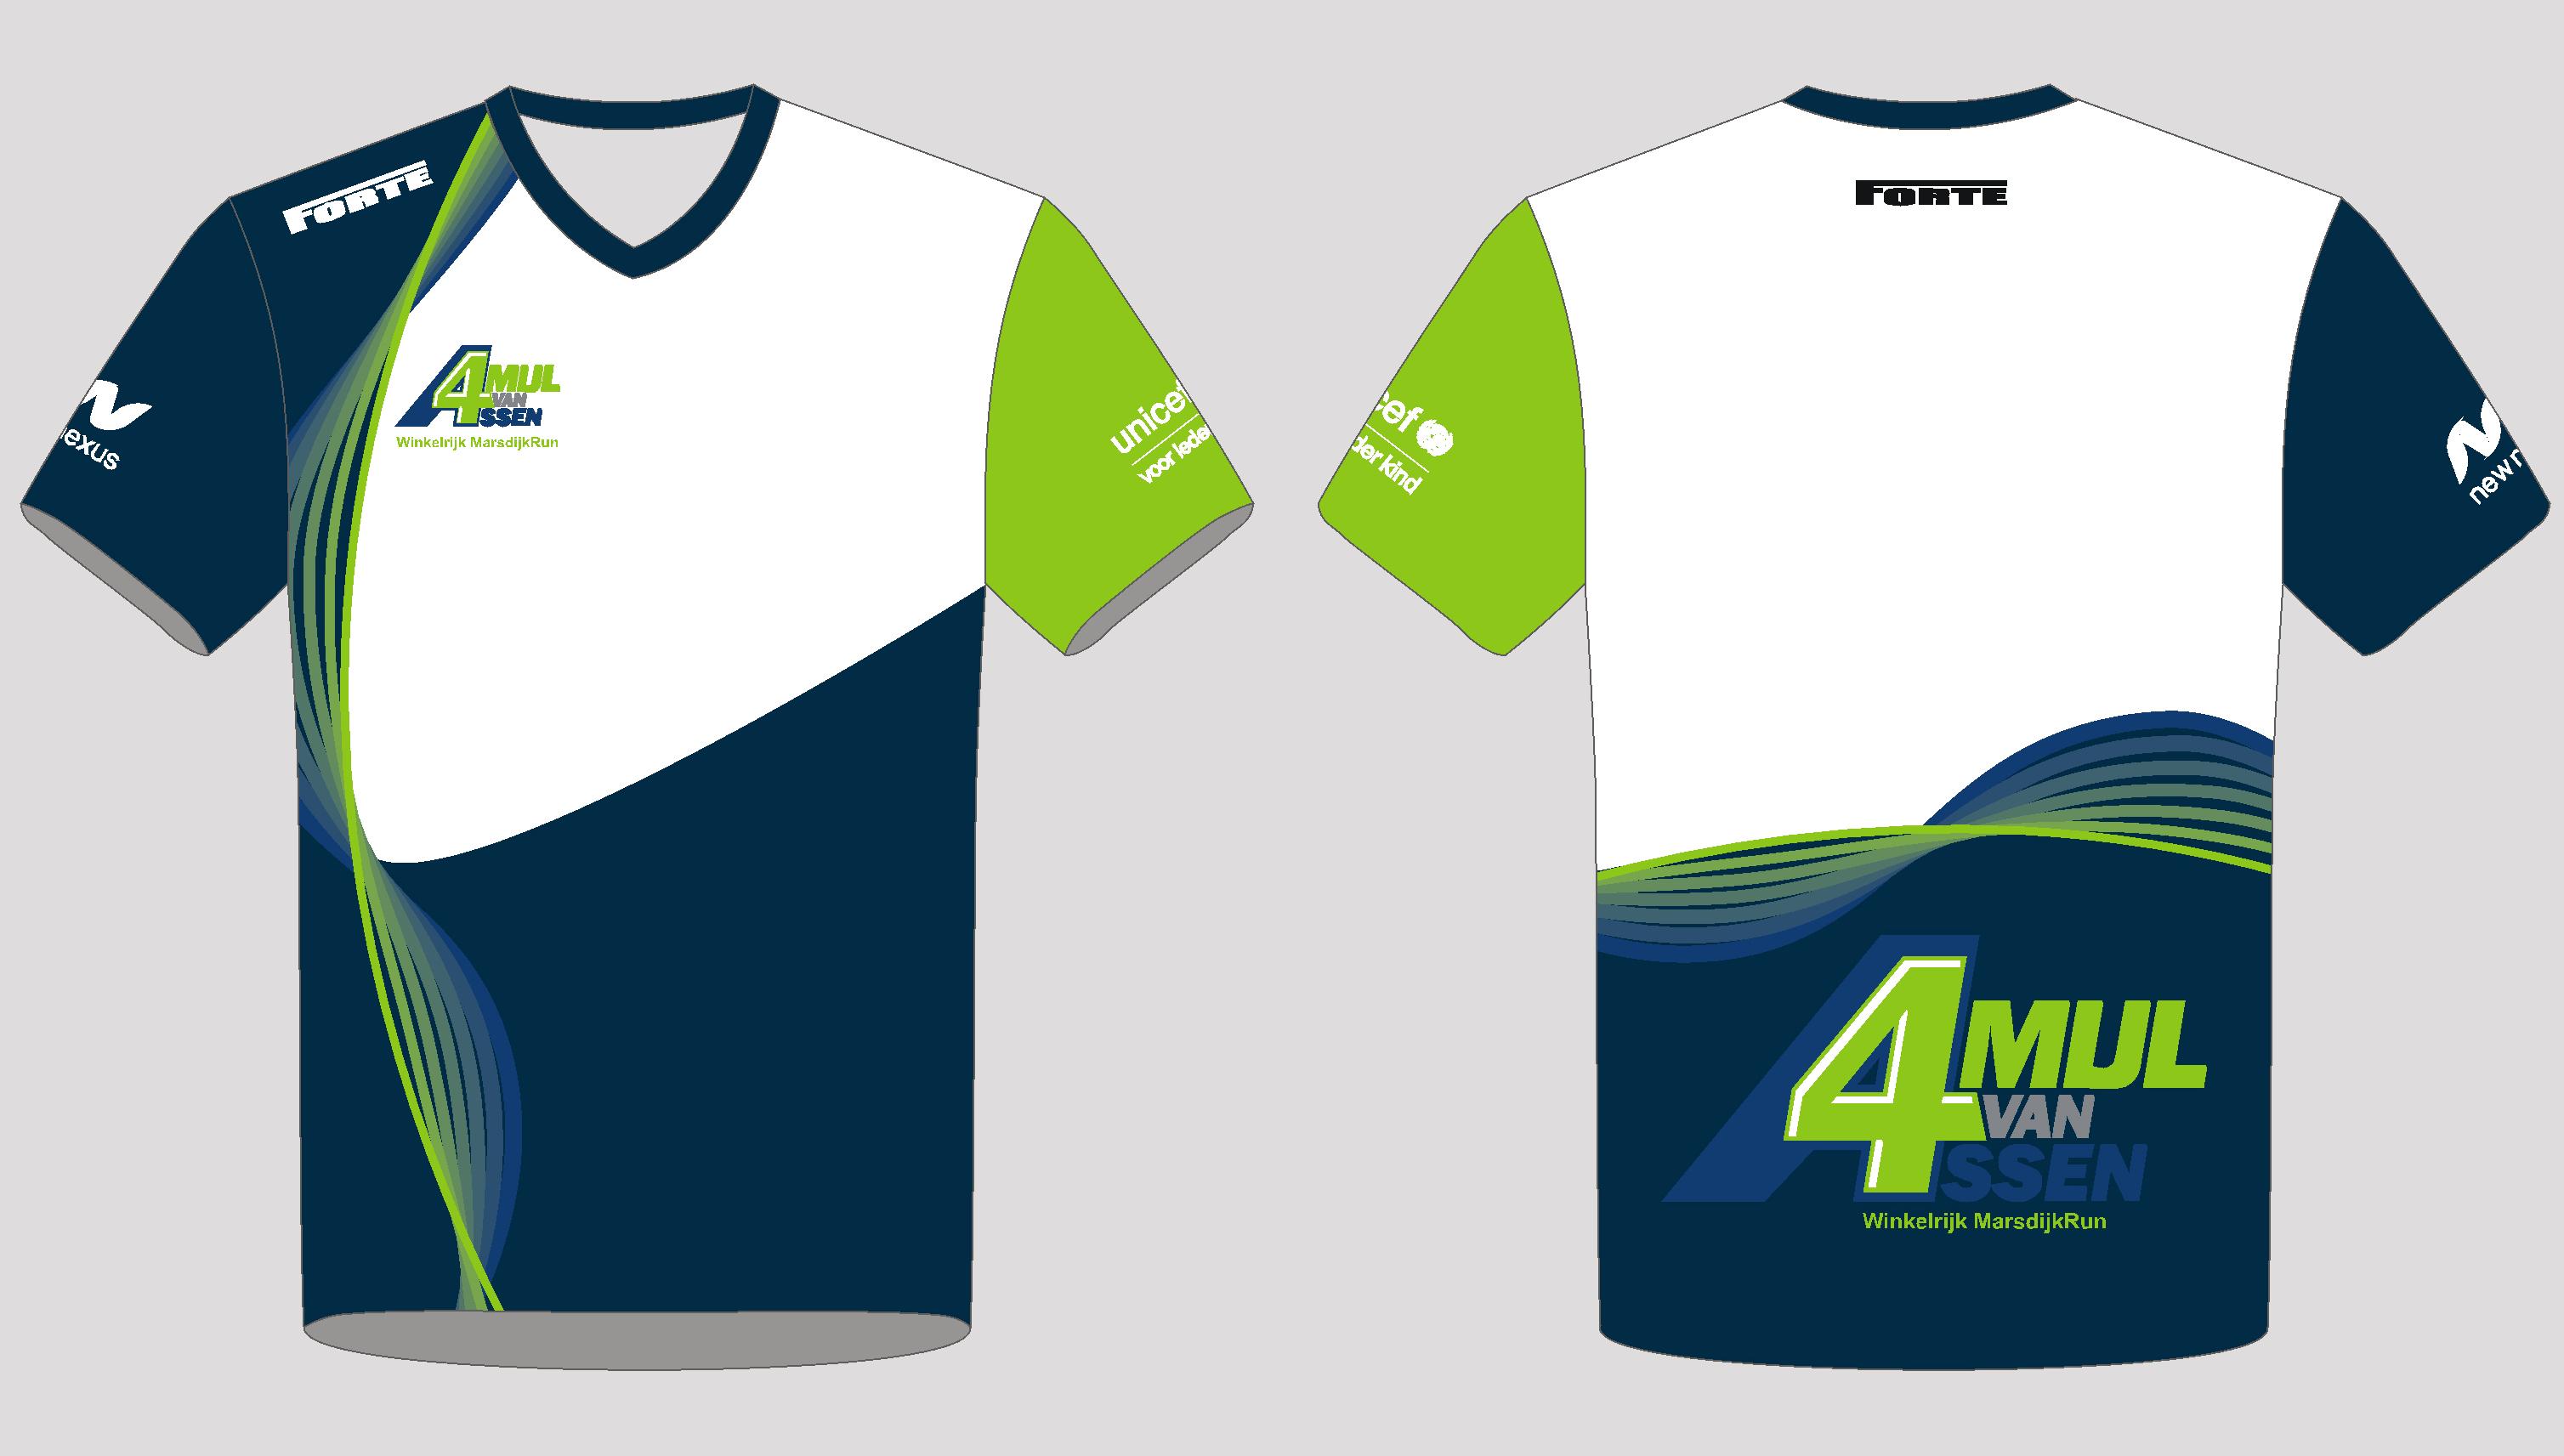 Shirt Standaard - 4Mijl-Assen